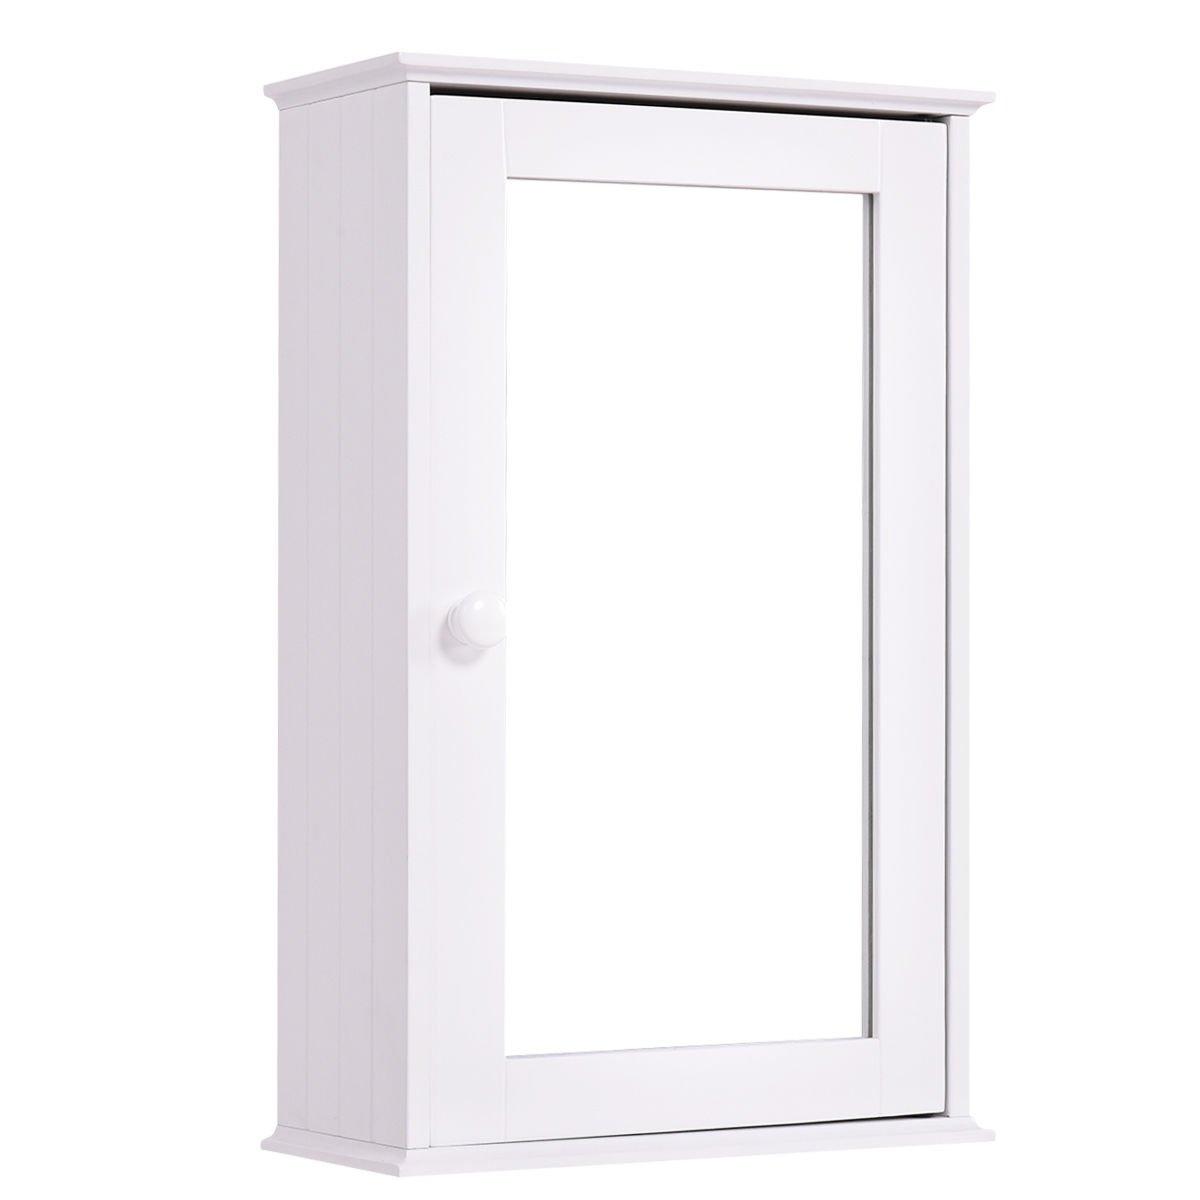 Cheap Bathroom Storage Wall Cabinet Find Bathroom Storage Wall Cabinet Deals On Line At Alibaba Com